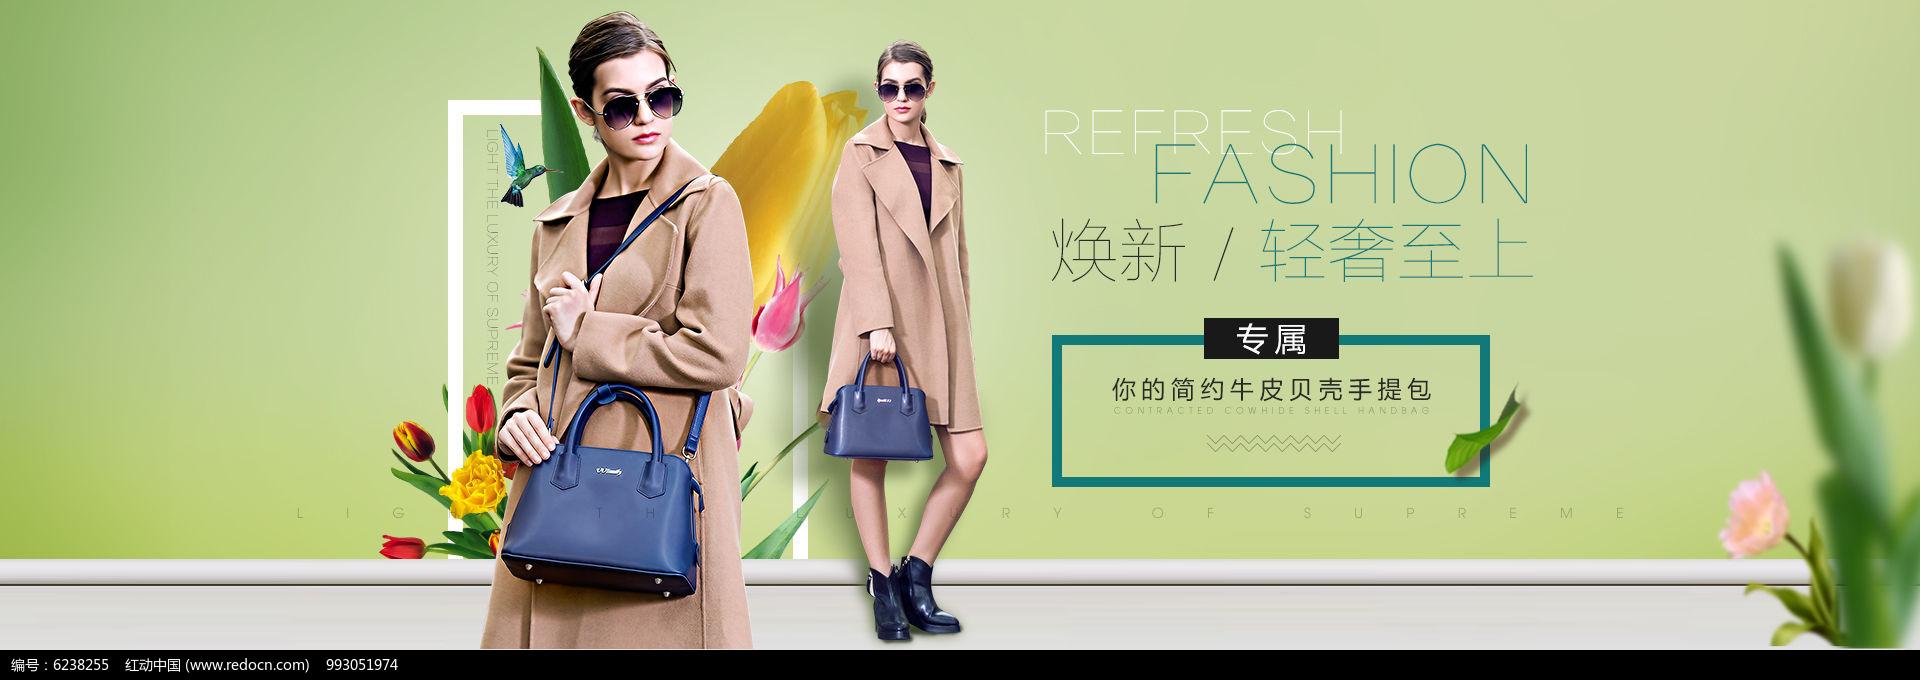 京东女装女包海报设计图片